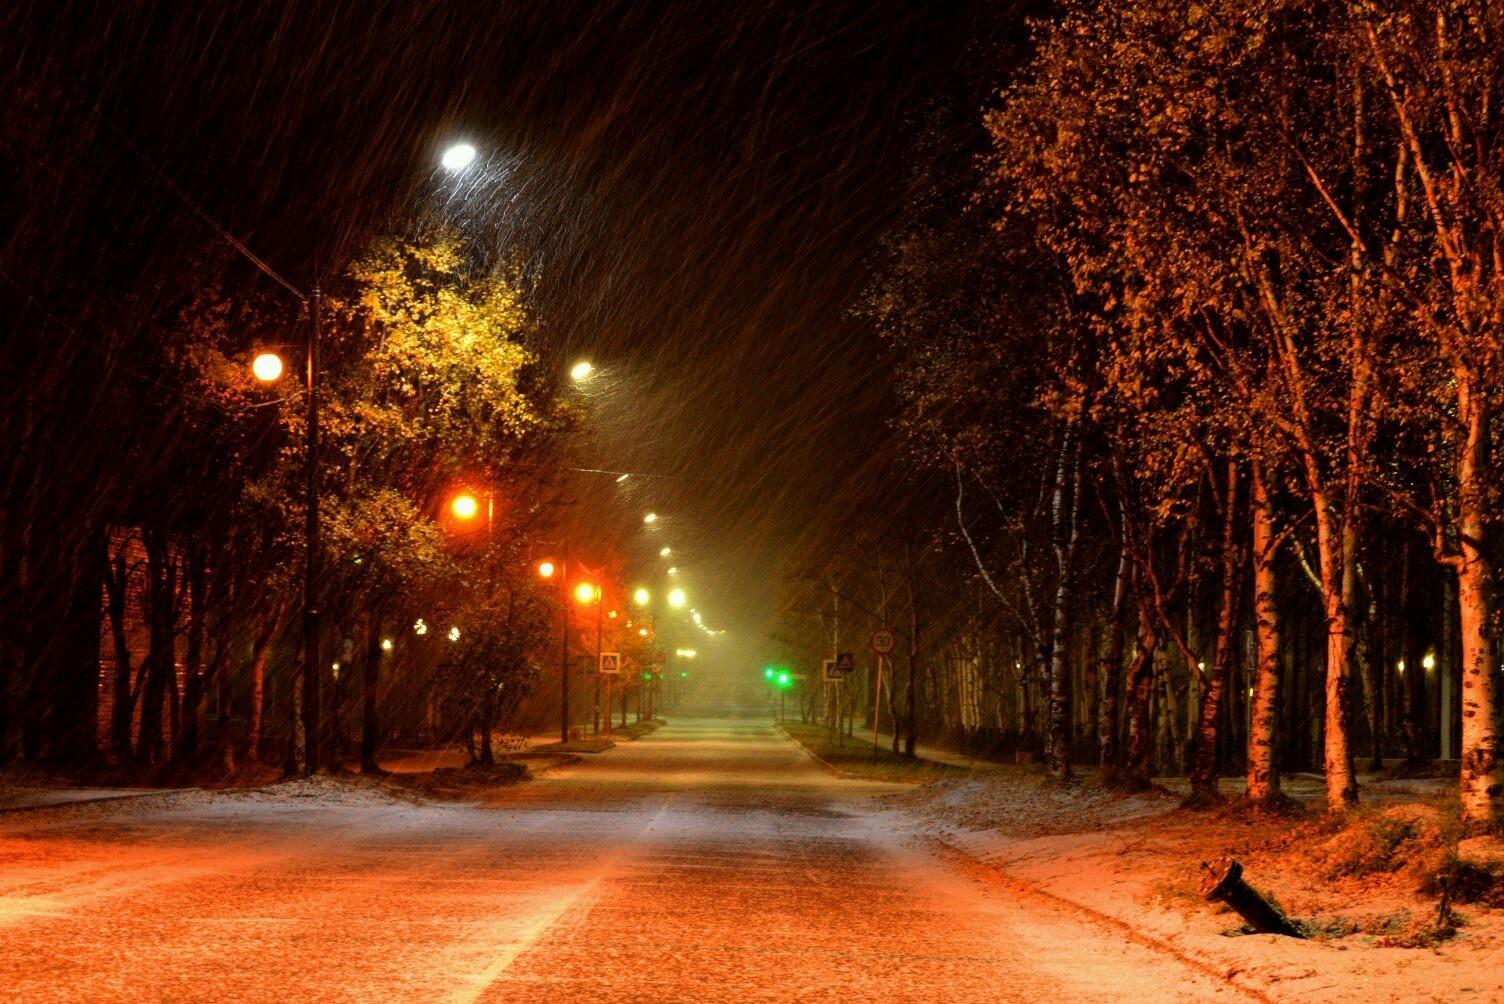 КЕС: Первый снег.